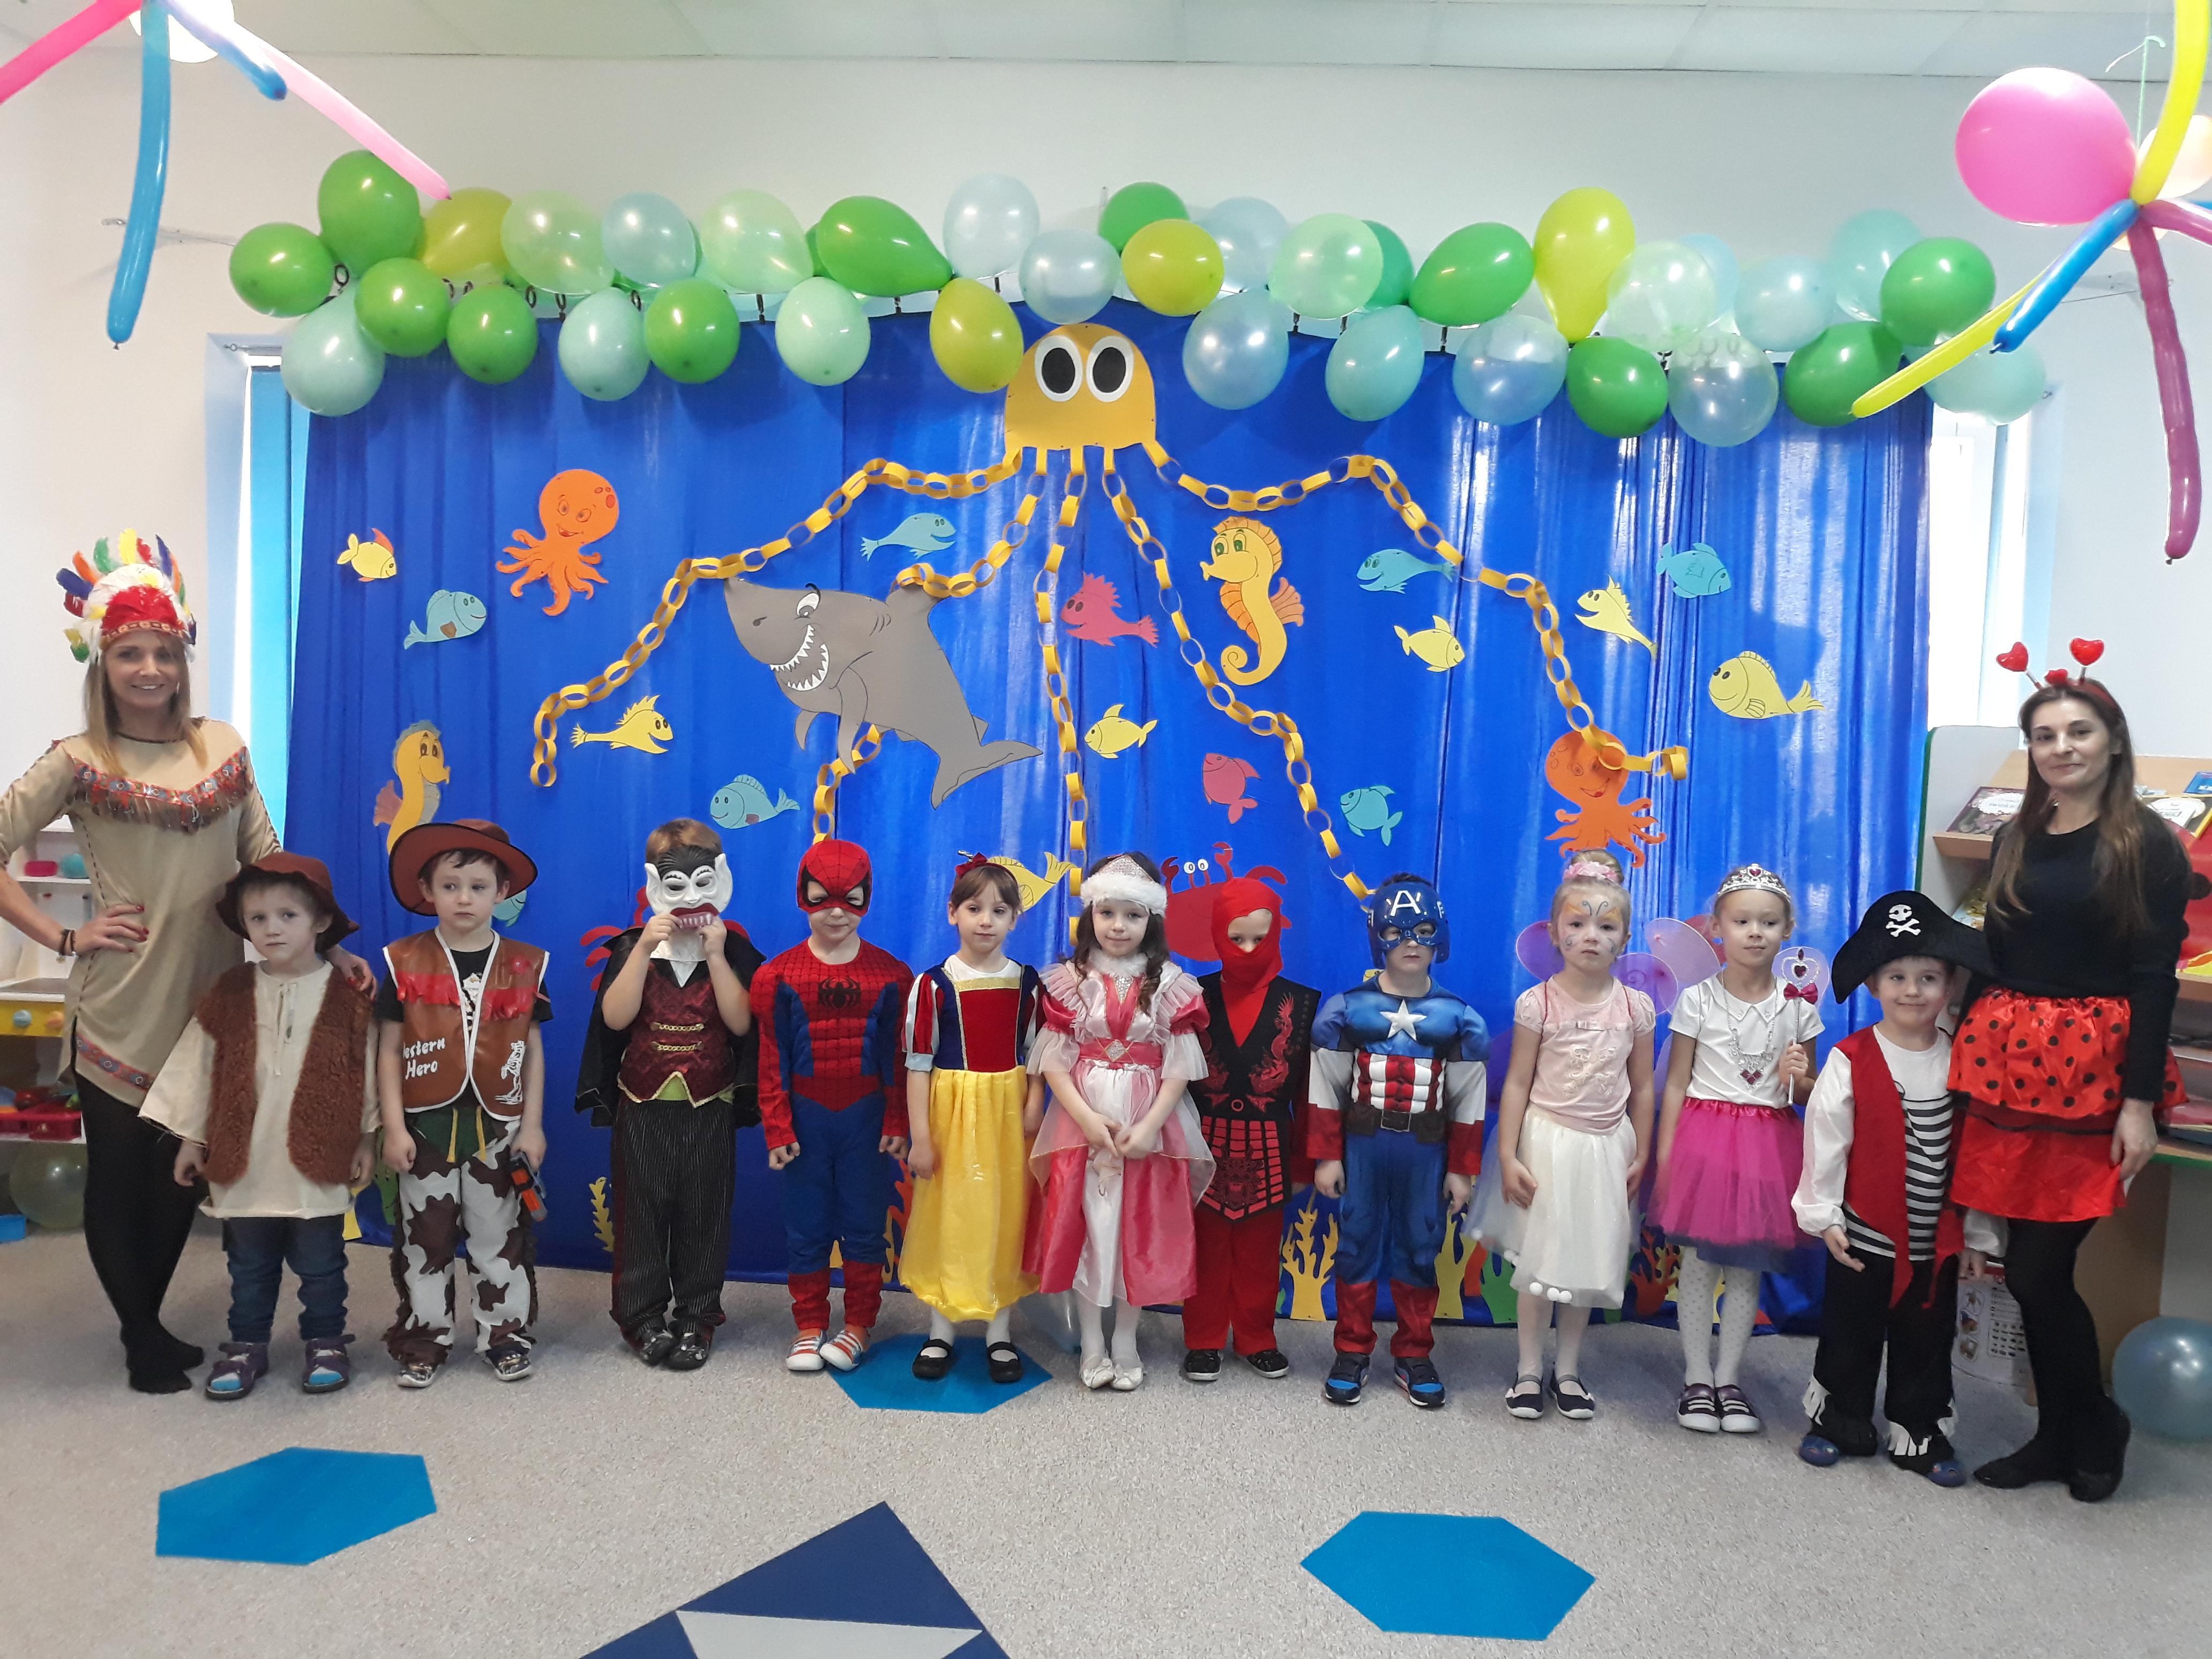 Podwodny Bal karnawałowy w naszym przedszkolu ;) Radość w oczach dzieci- bezcenna !